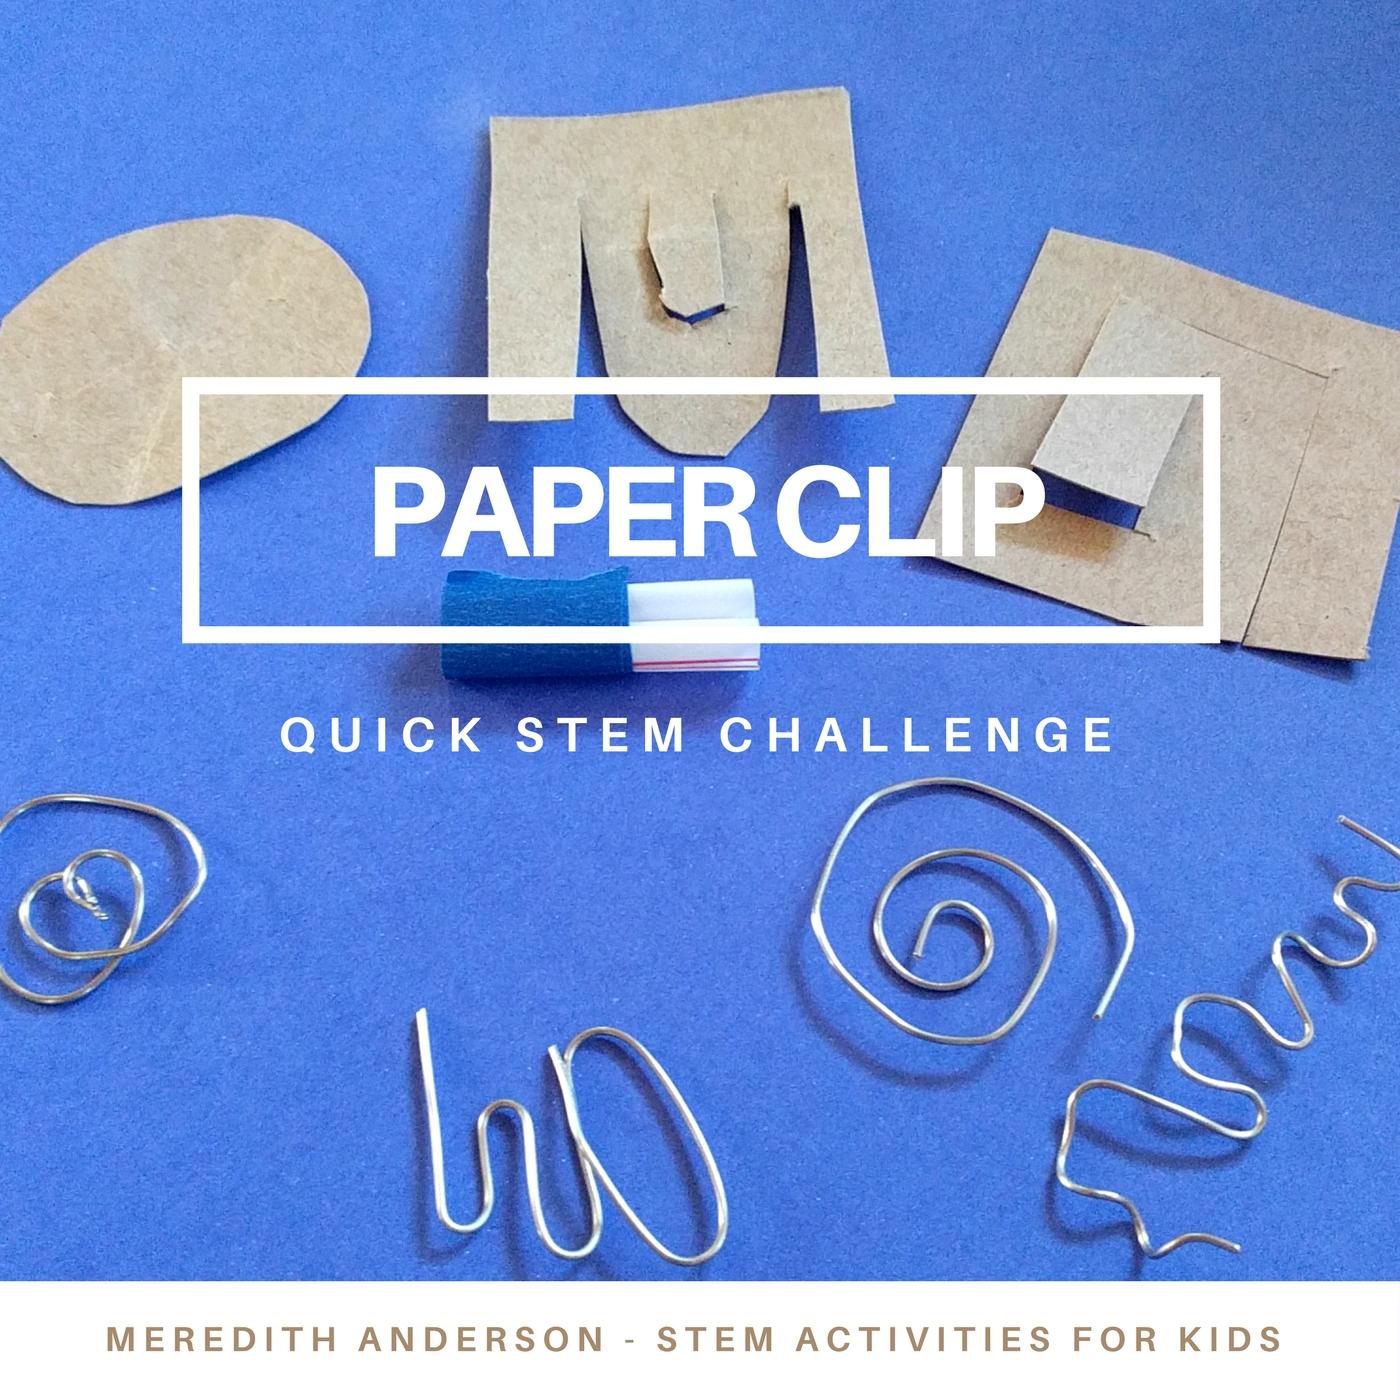 Best Stem Challenge Ever: Quick STEM Challenge For Kids